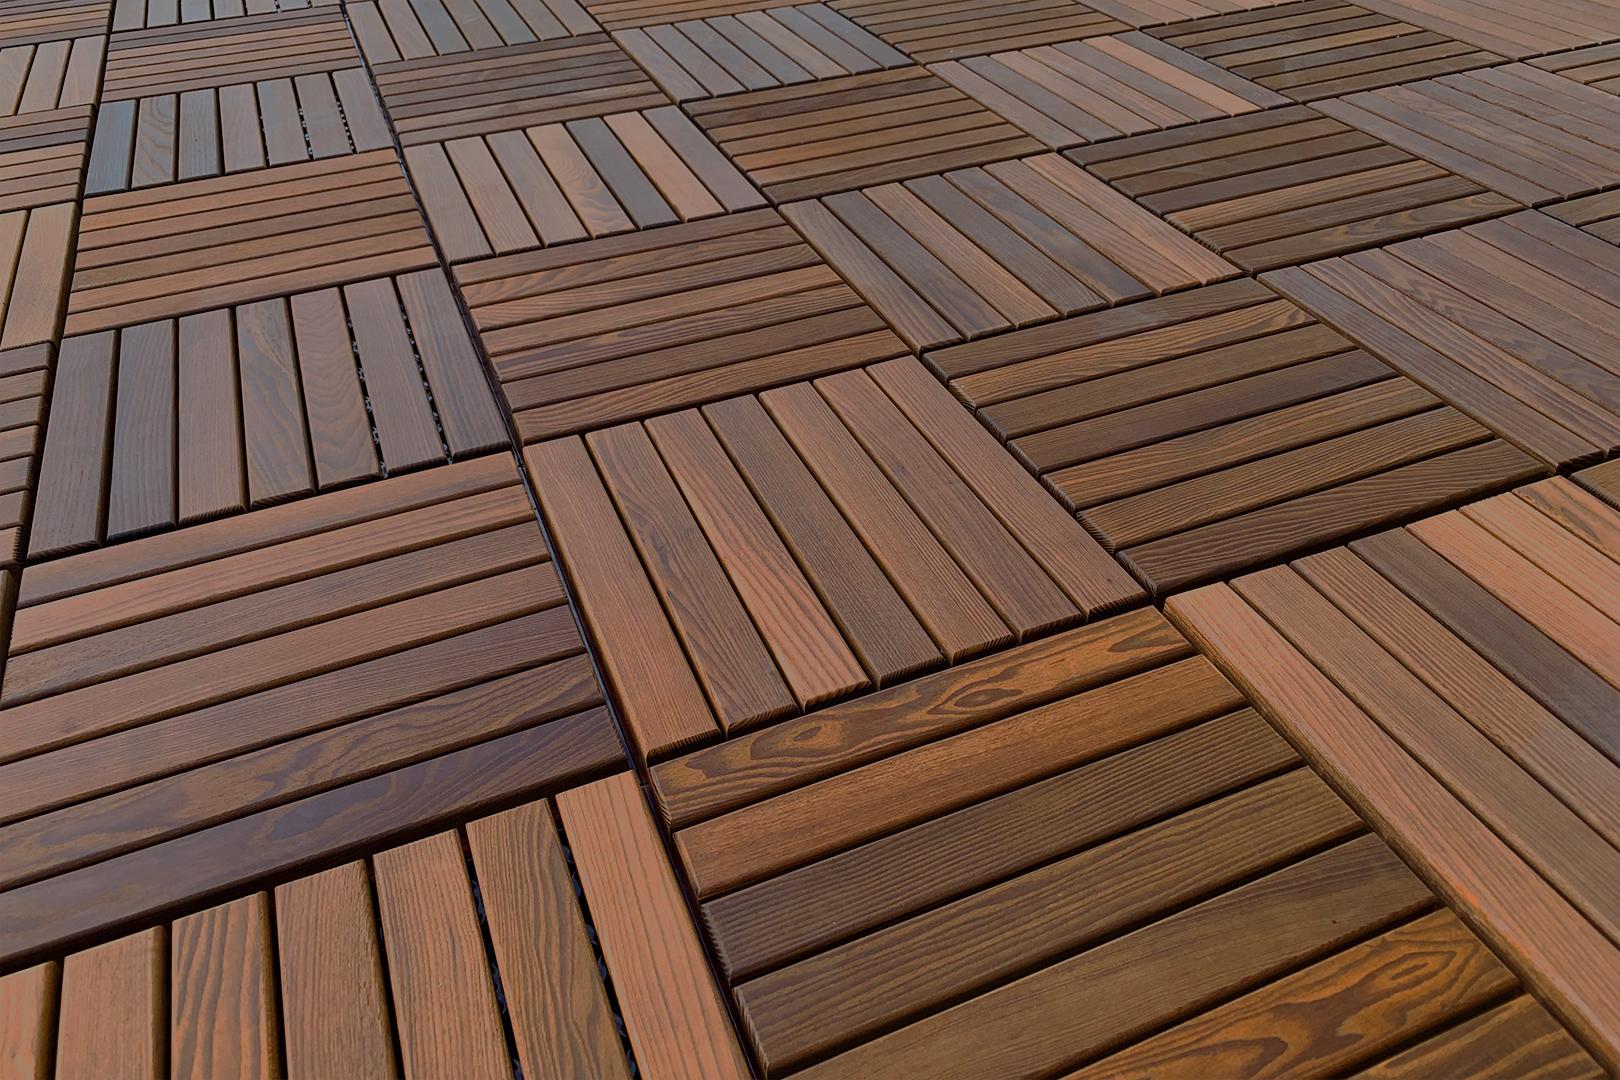 Holzfliesen aus Thermoesche mit Klicksystem, Balkon  & Terrassenfliesen  Lieferung frei Haus, Thermoesche Fliesen20 Stk / 20 Paket   20.20 qm